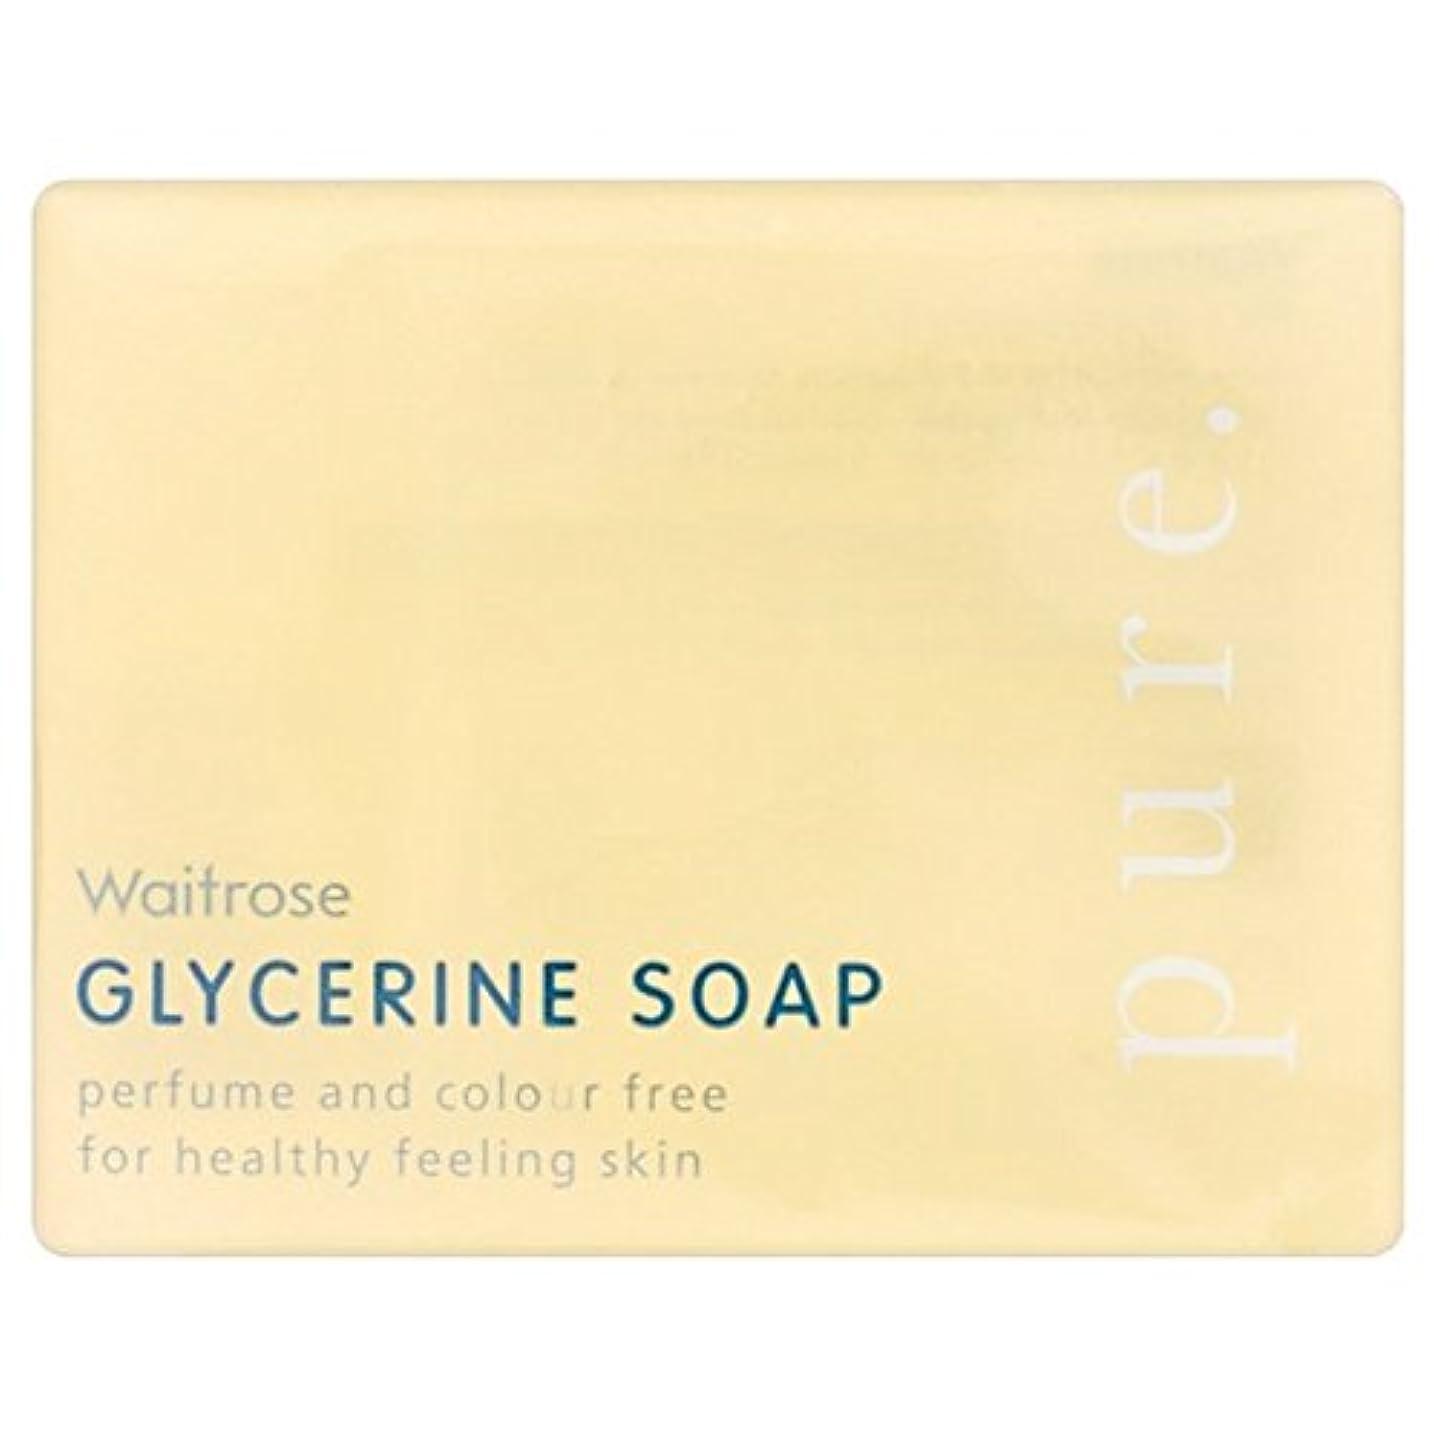 何故なの争うファンネルウェブスパイダーPure Glycerine Soap Waitrose 100g - 純粋なグリセリンソープウェイトローズの100グラム [並行輸入品]